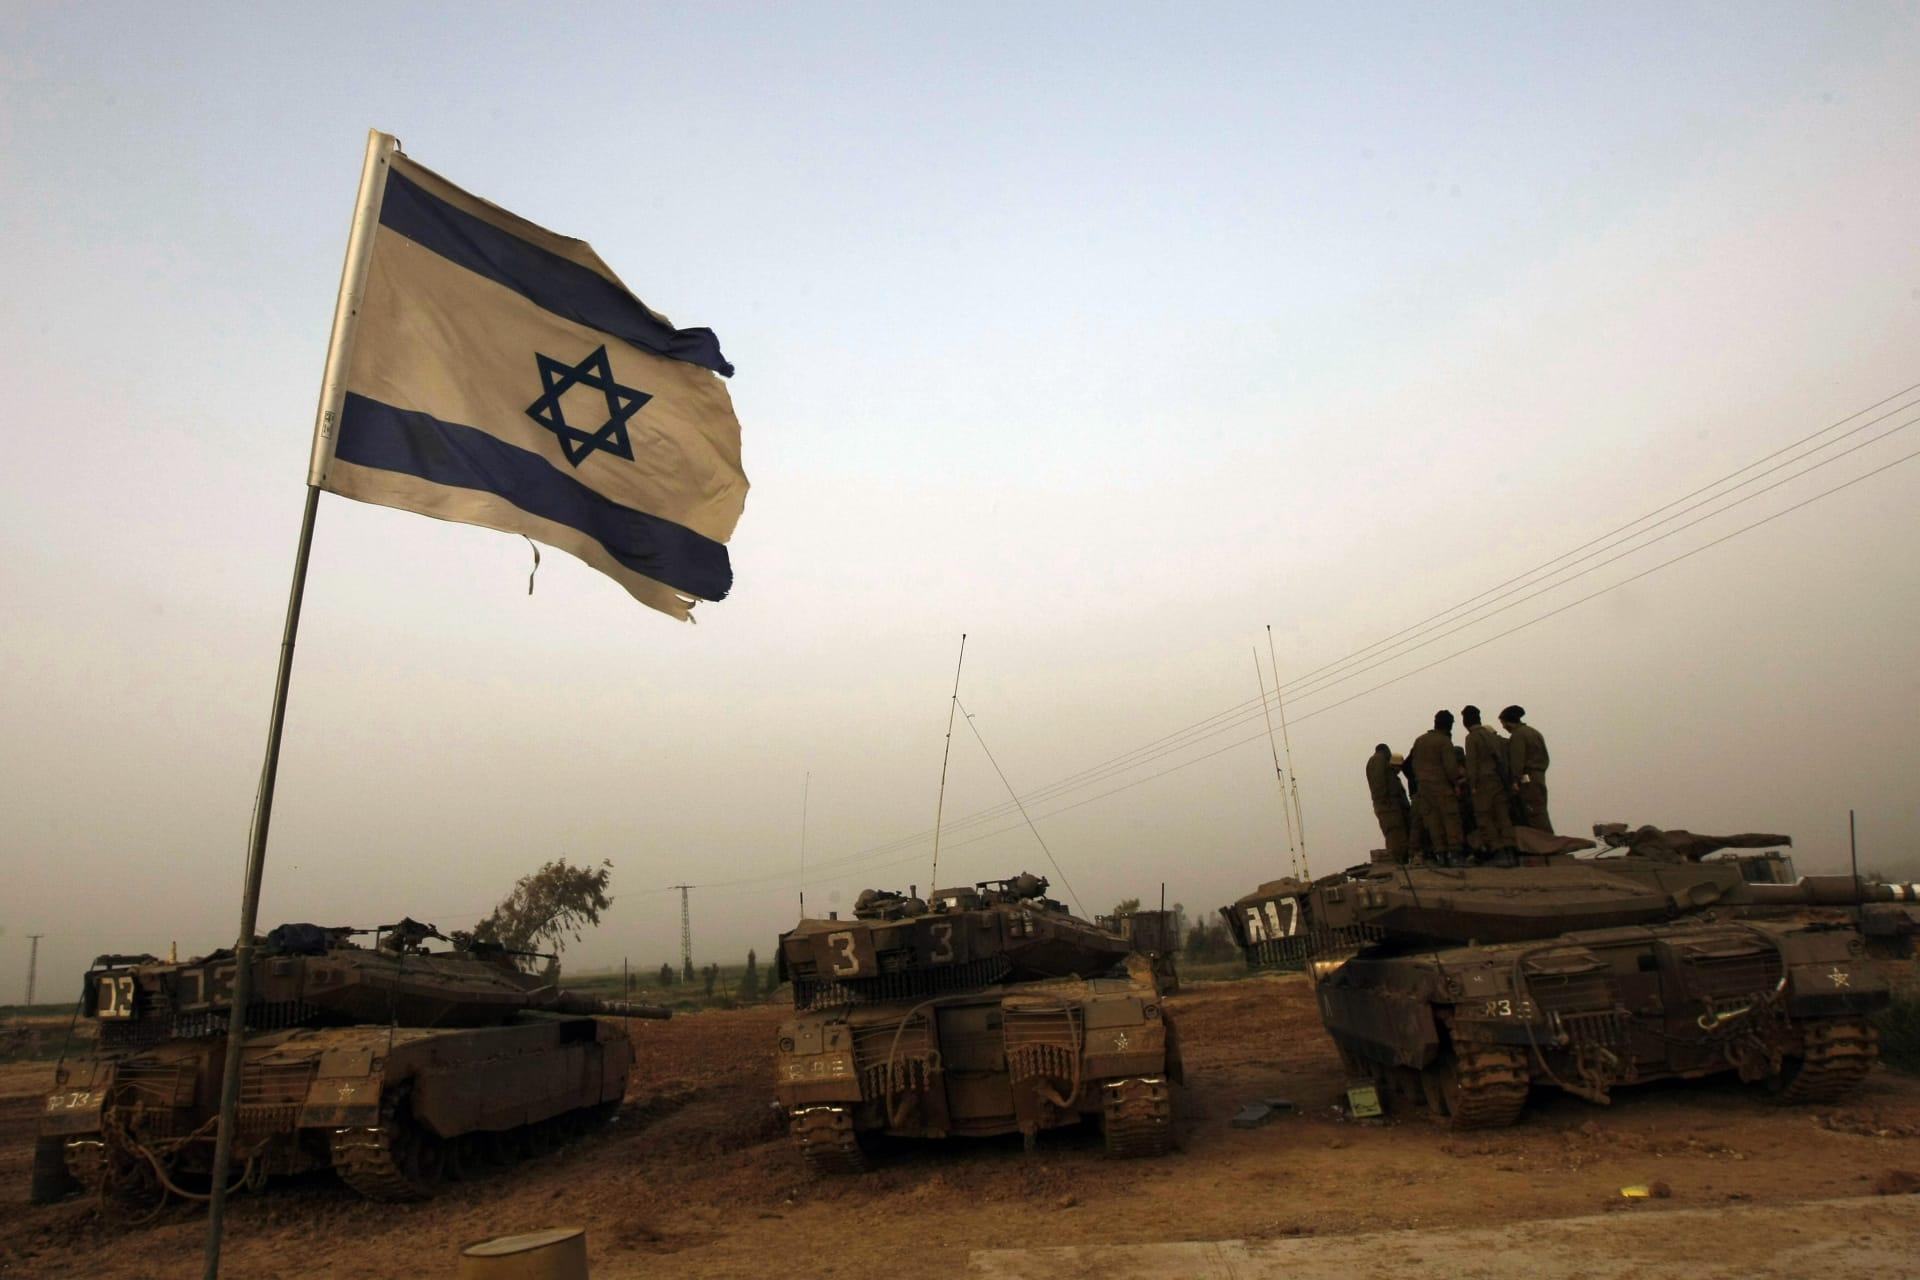 رئيس الاستخبارات الإسرائيلي: على من يهاجمنا سيبرانيا انتظار الرد الملائم وإدراك خطورة الأمر